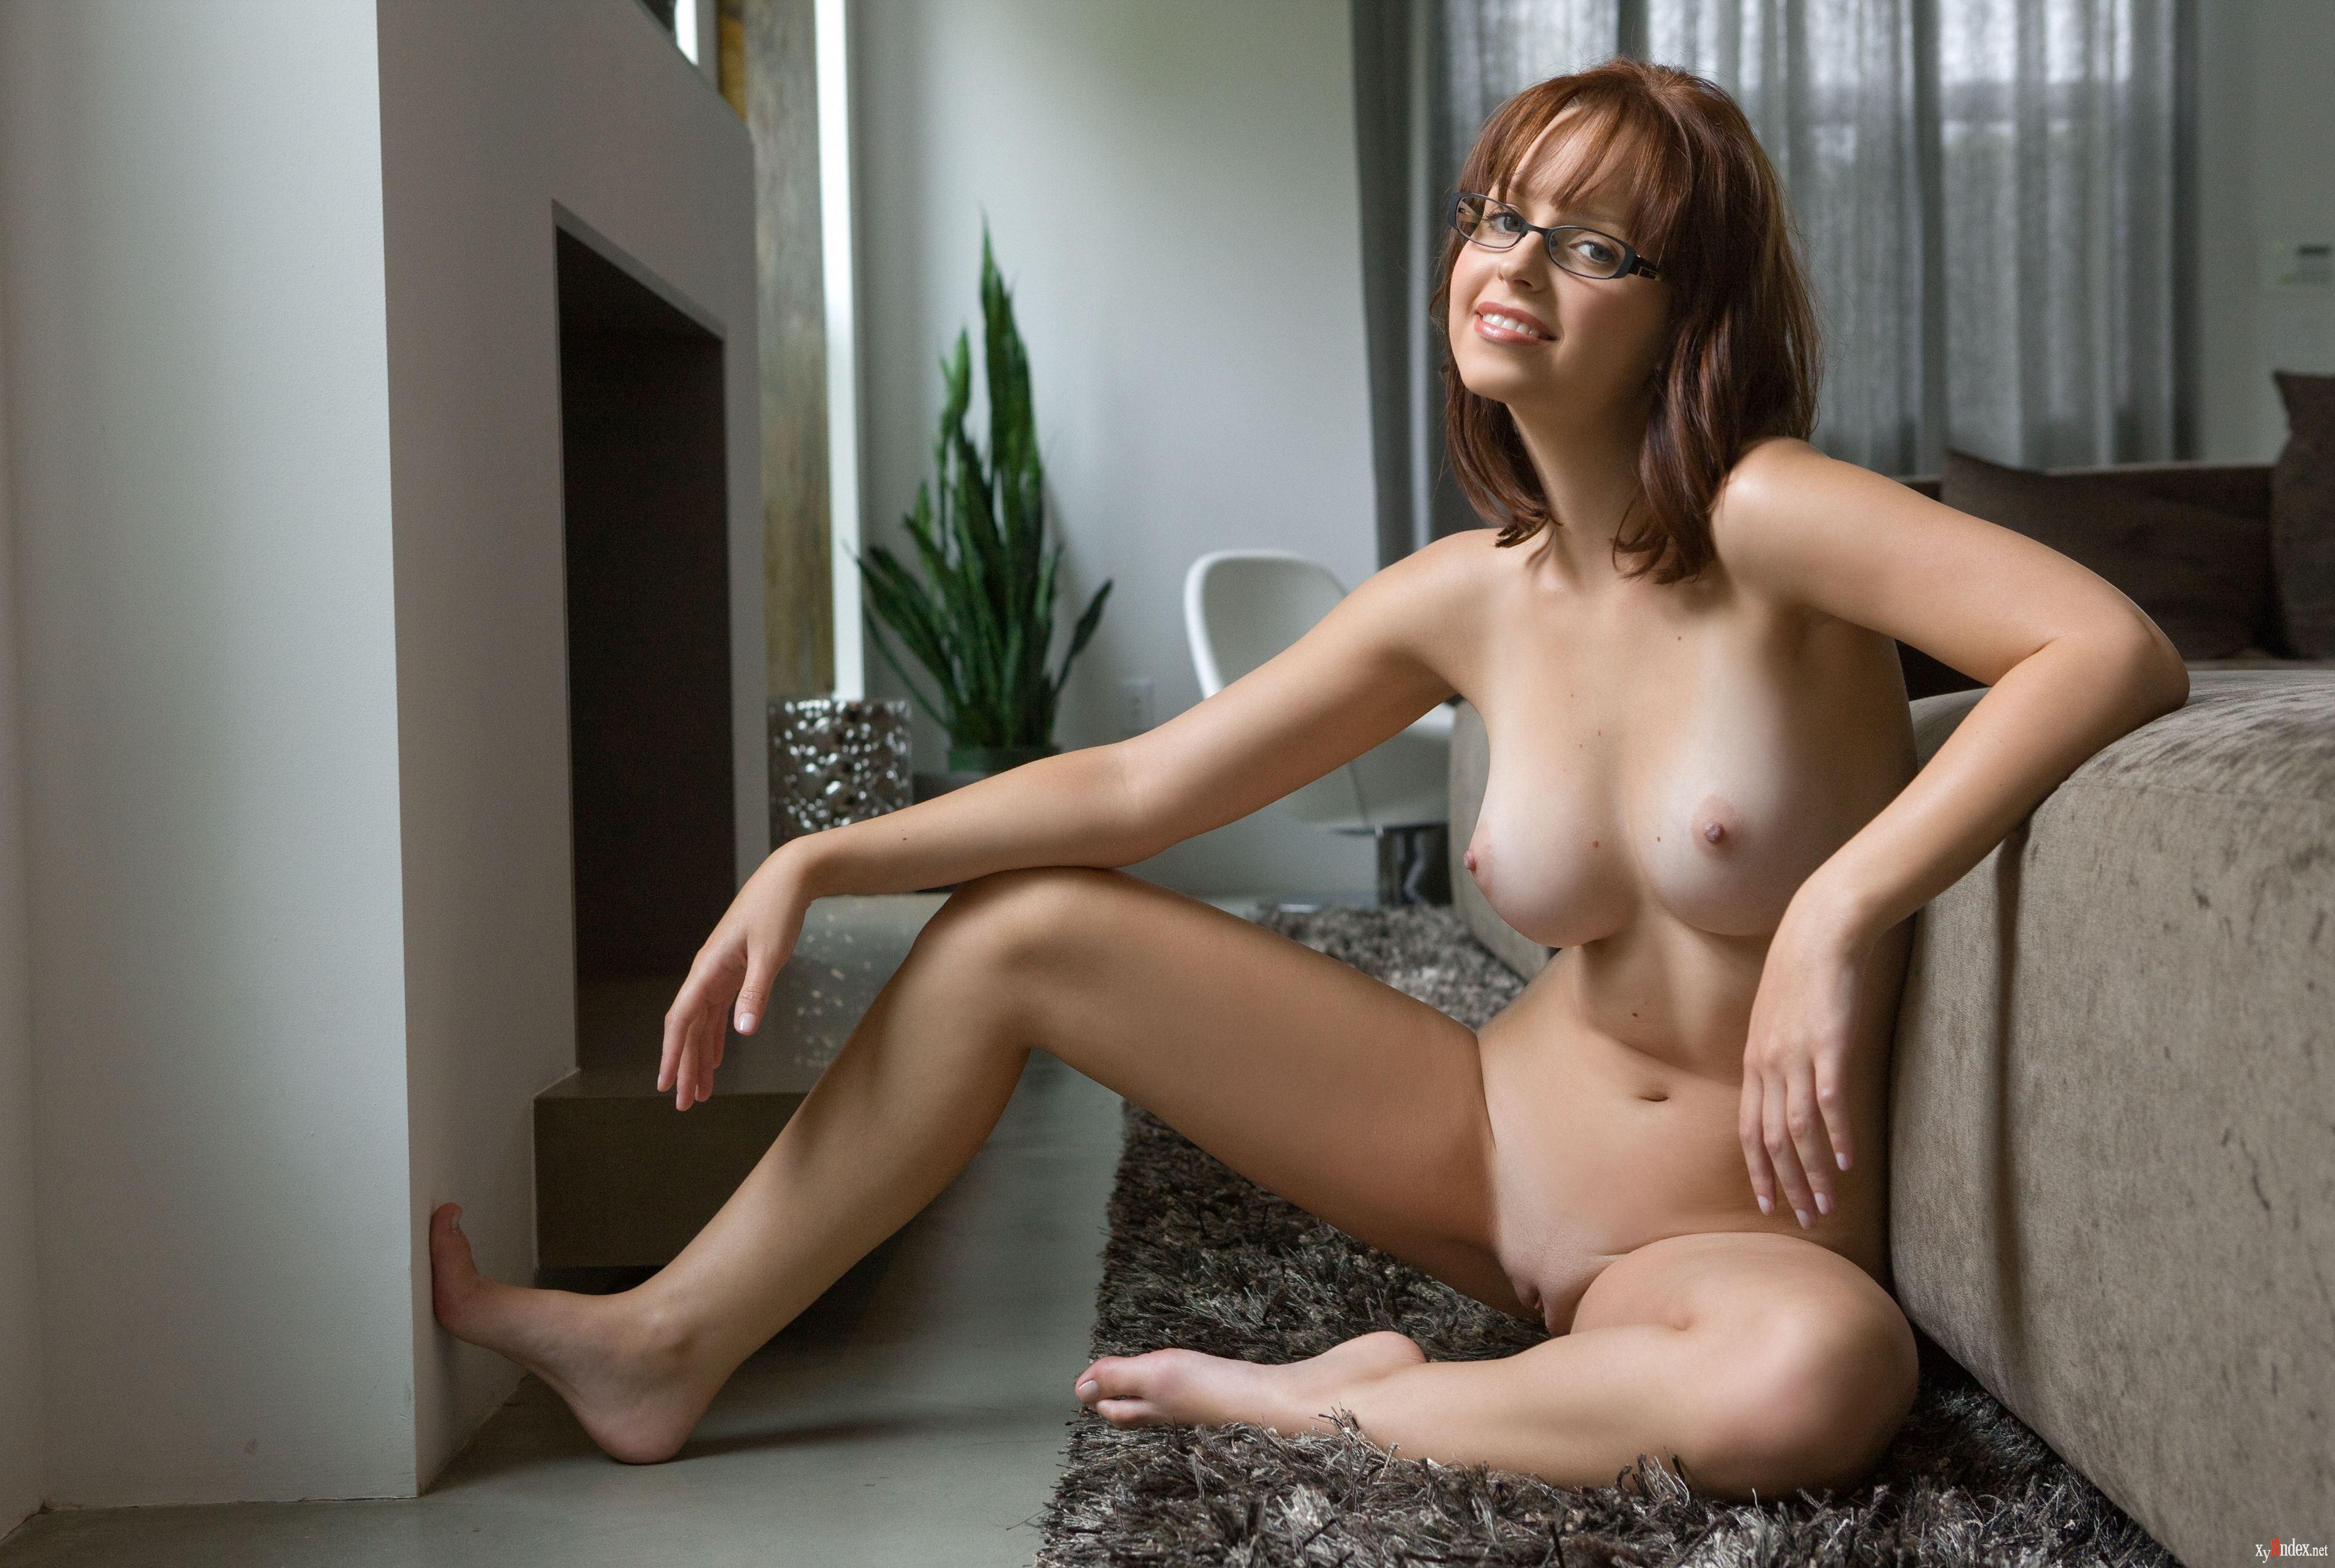 Hayden panettiere nude pics vids